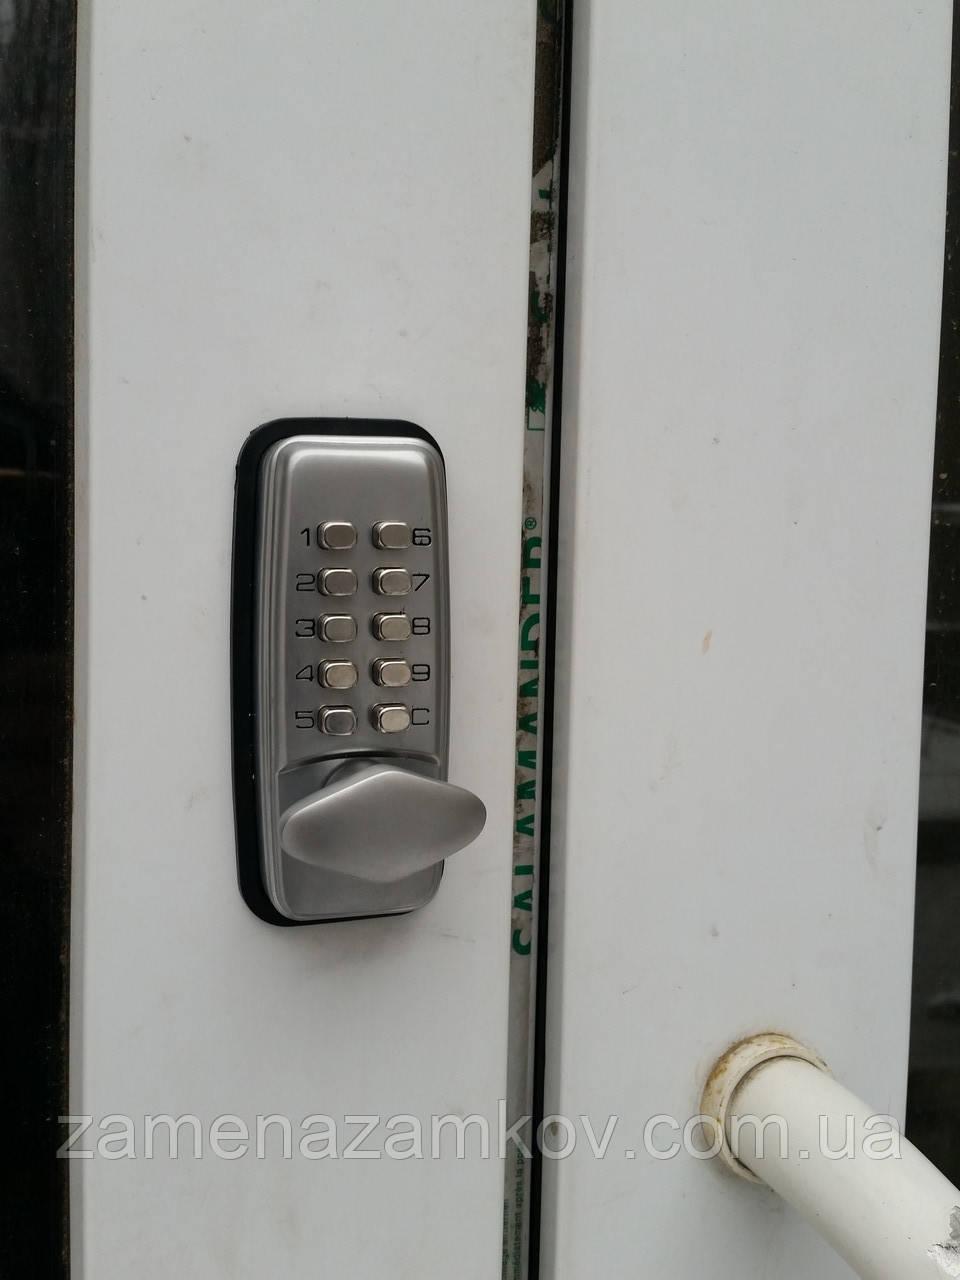 Кодовый замок цифровой механический Lockod